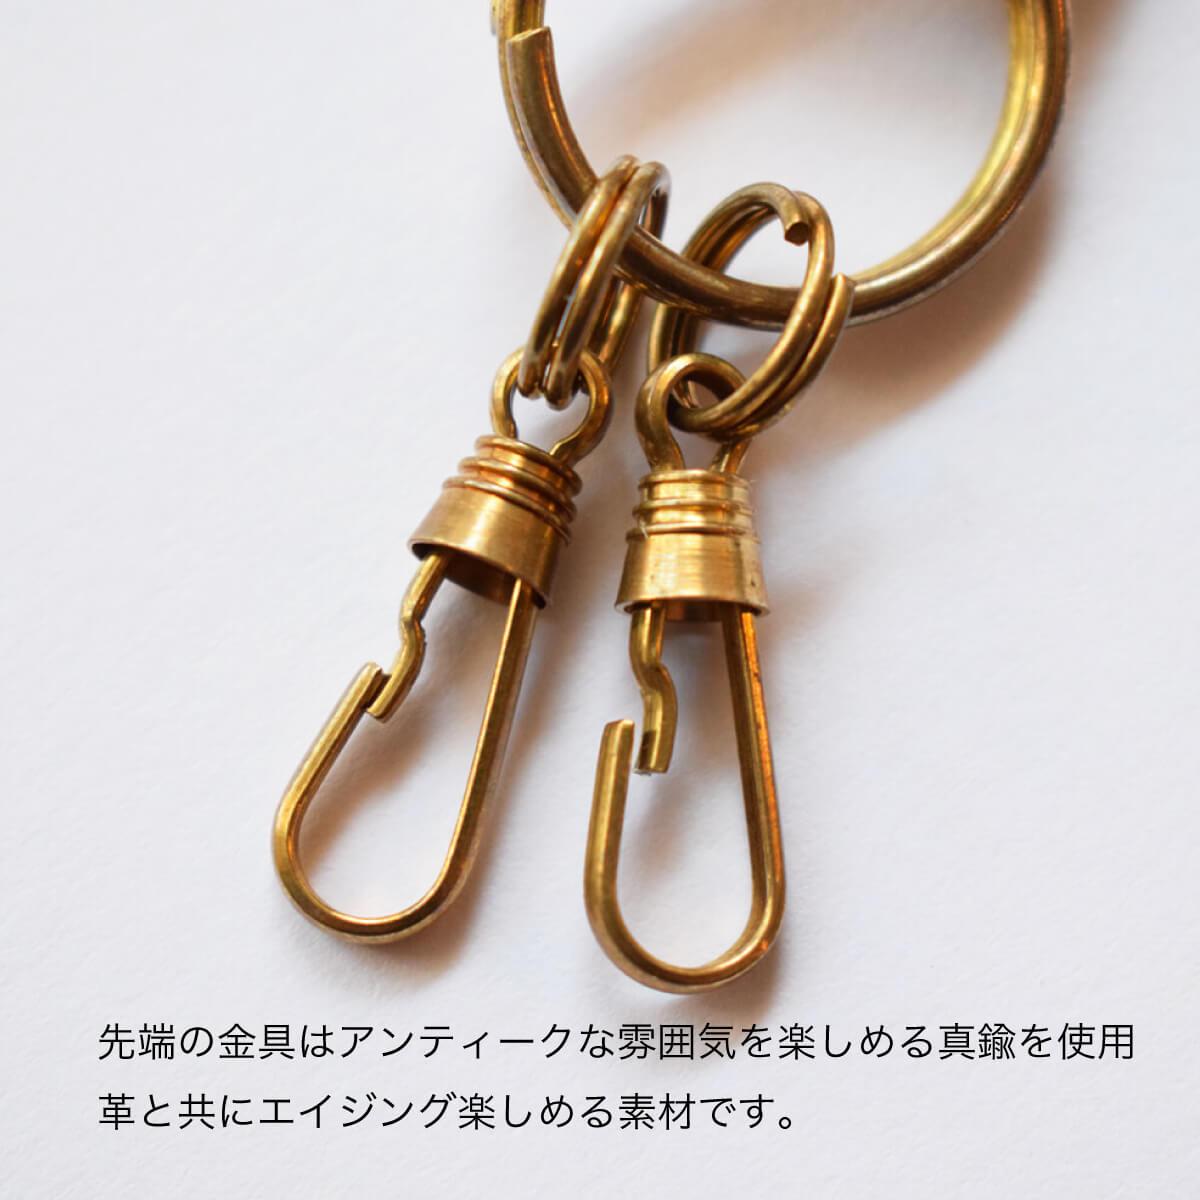 牛革 ネックストラップ 調節可能 栃木レザー